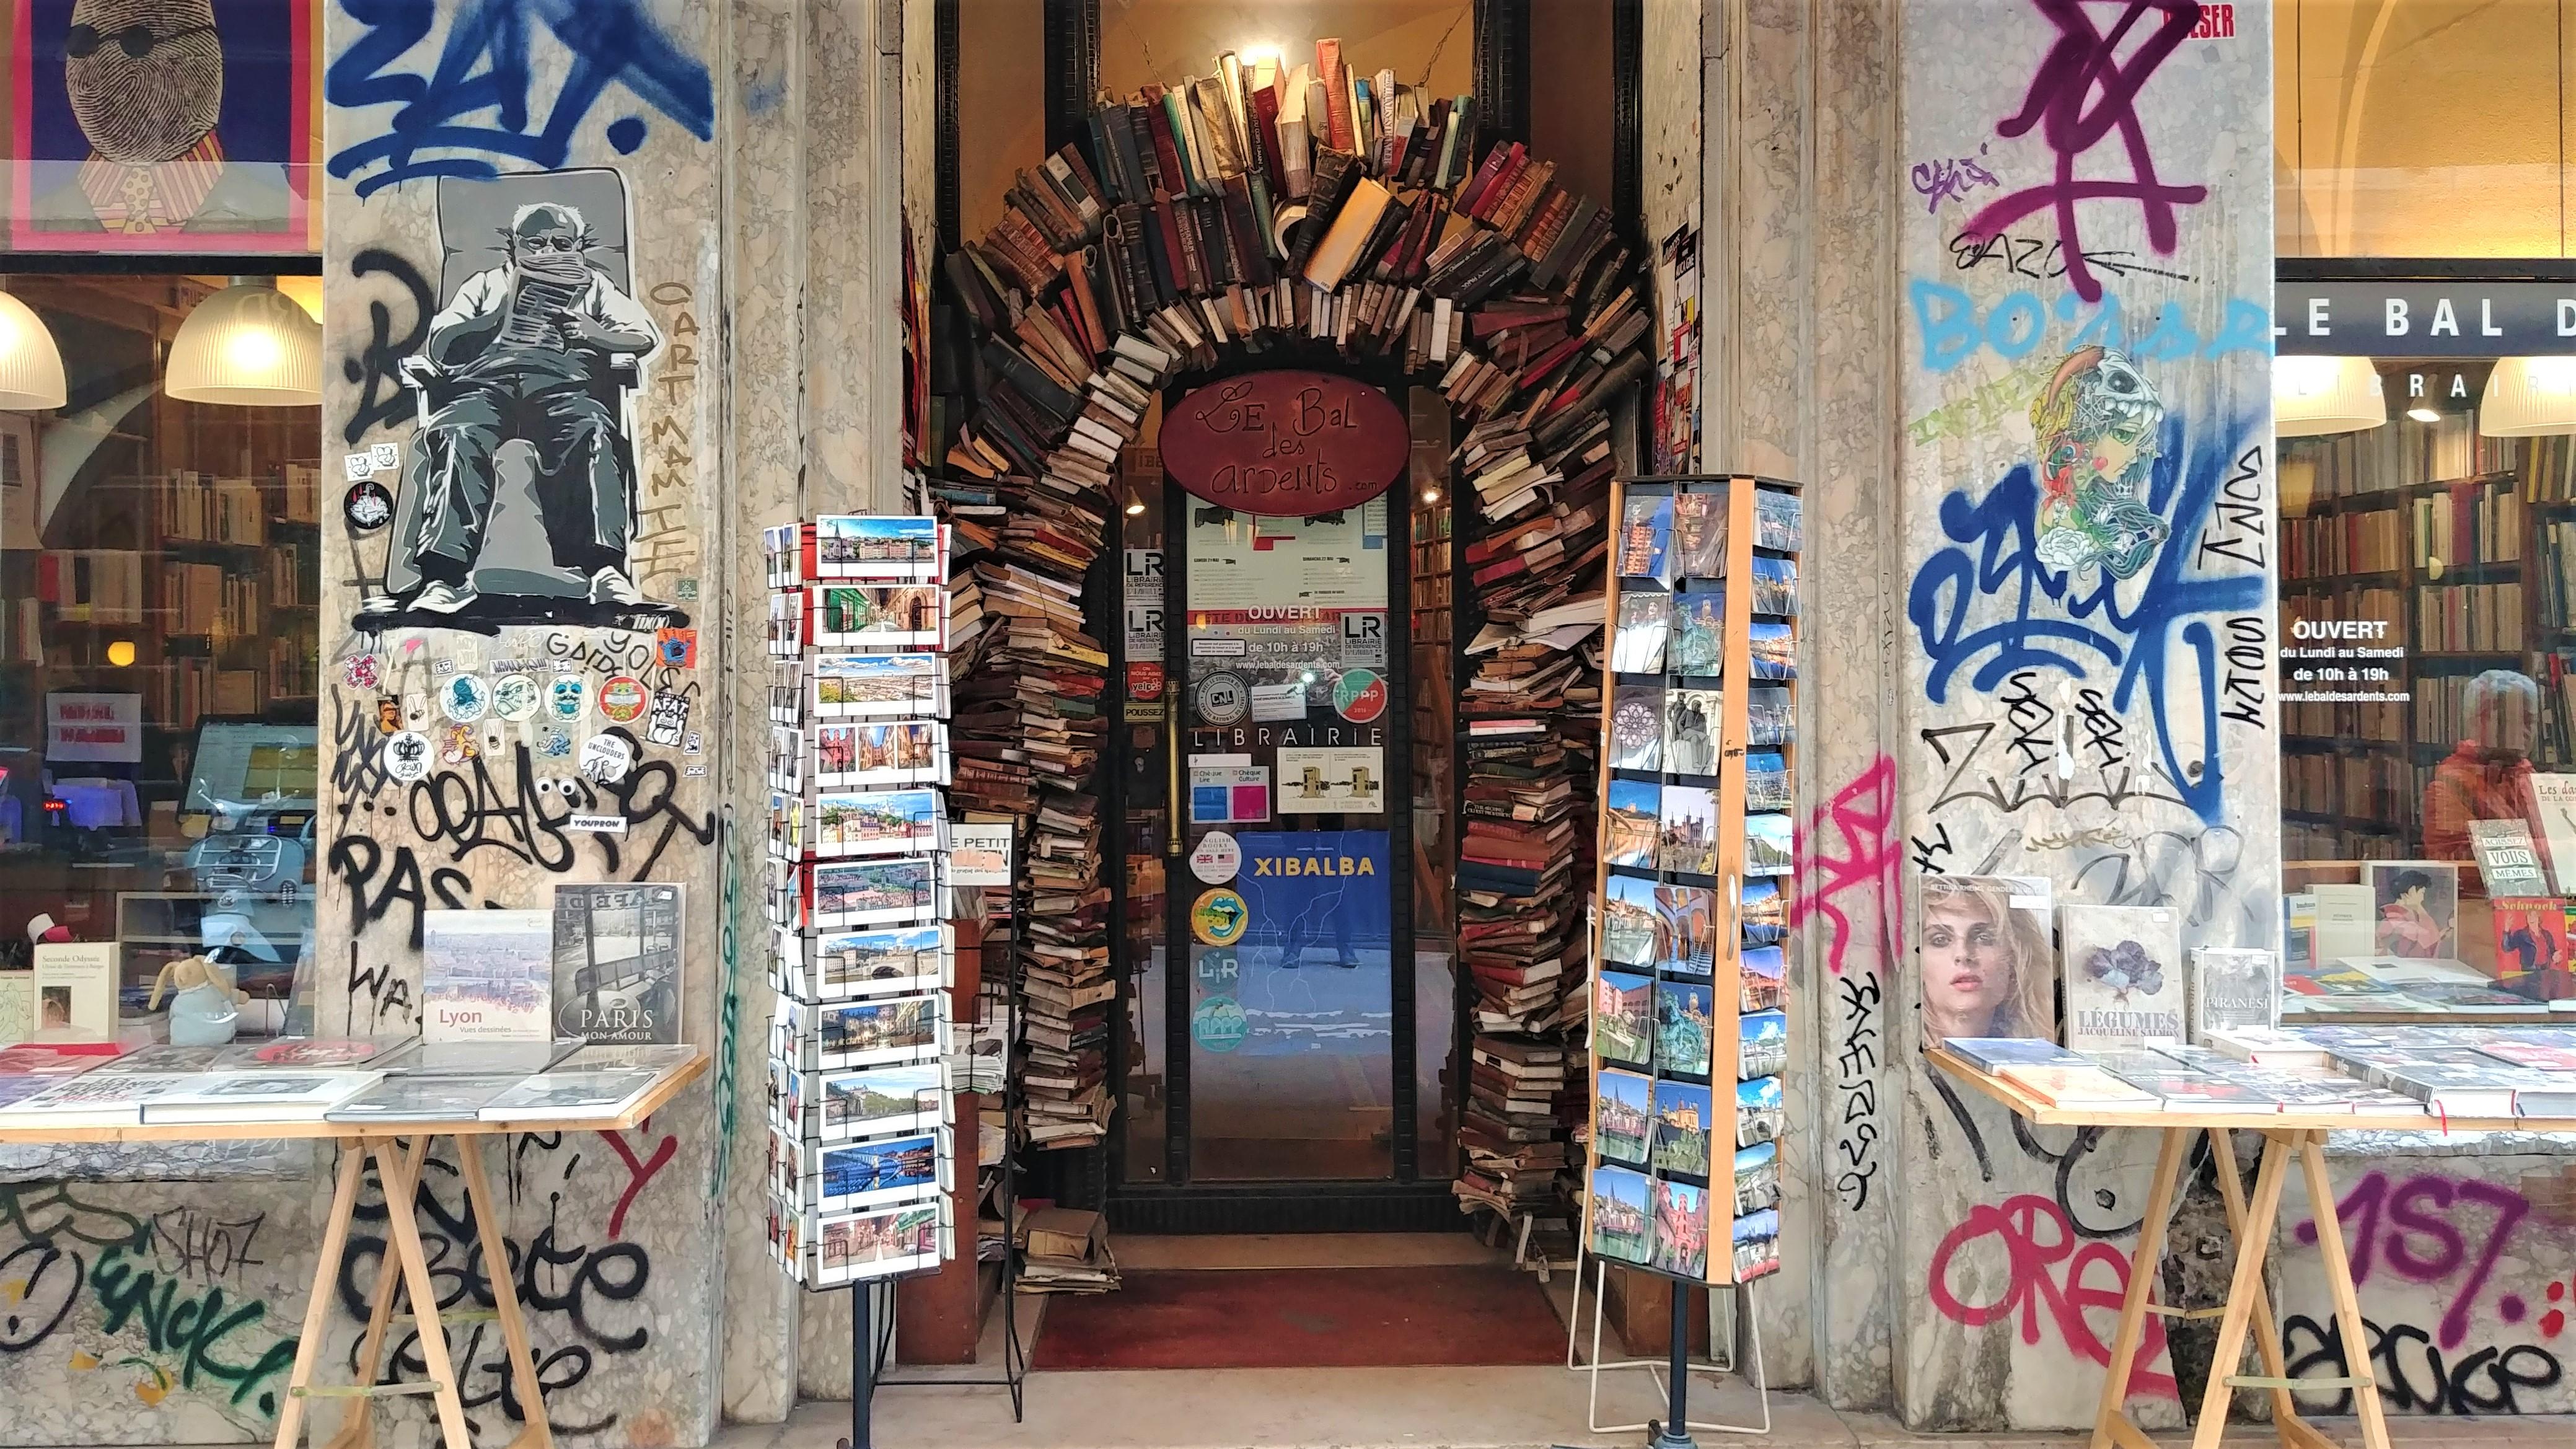 librairie bal des ardents lyon insolite erotique lieux secrets blog voyage